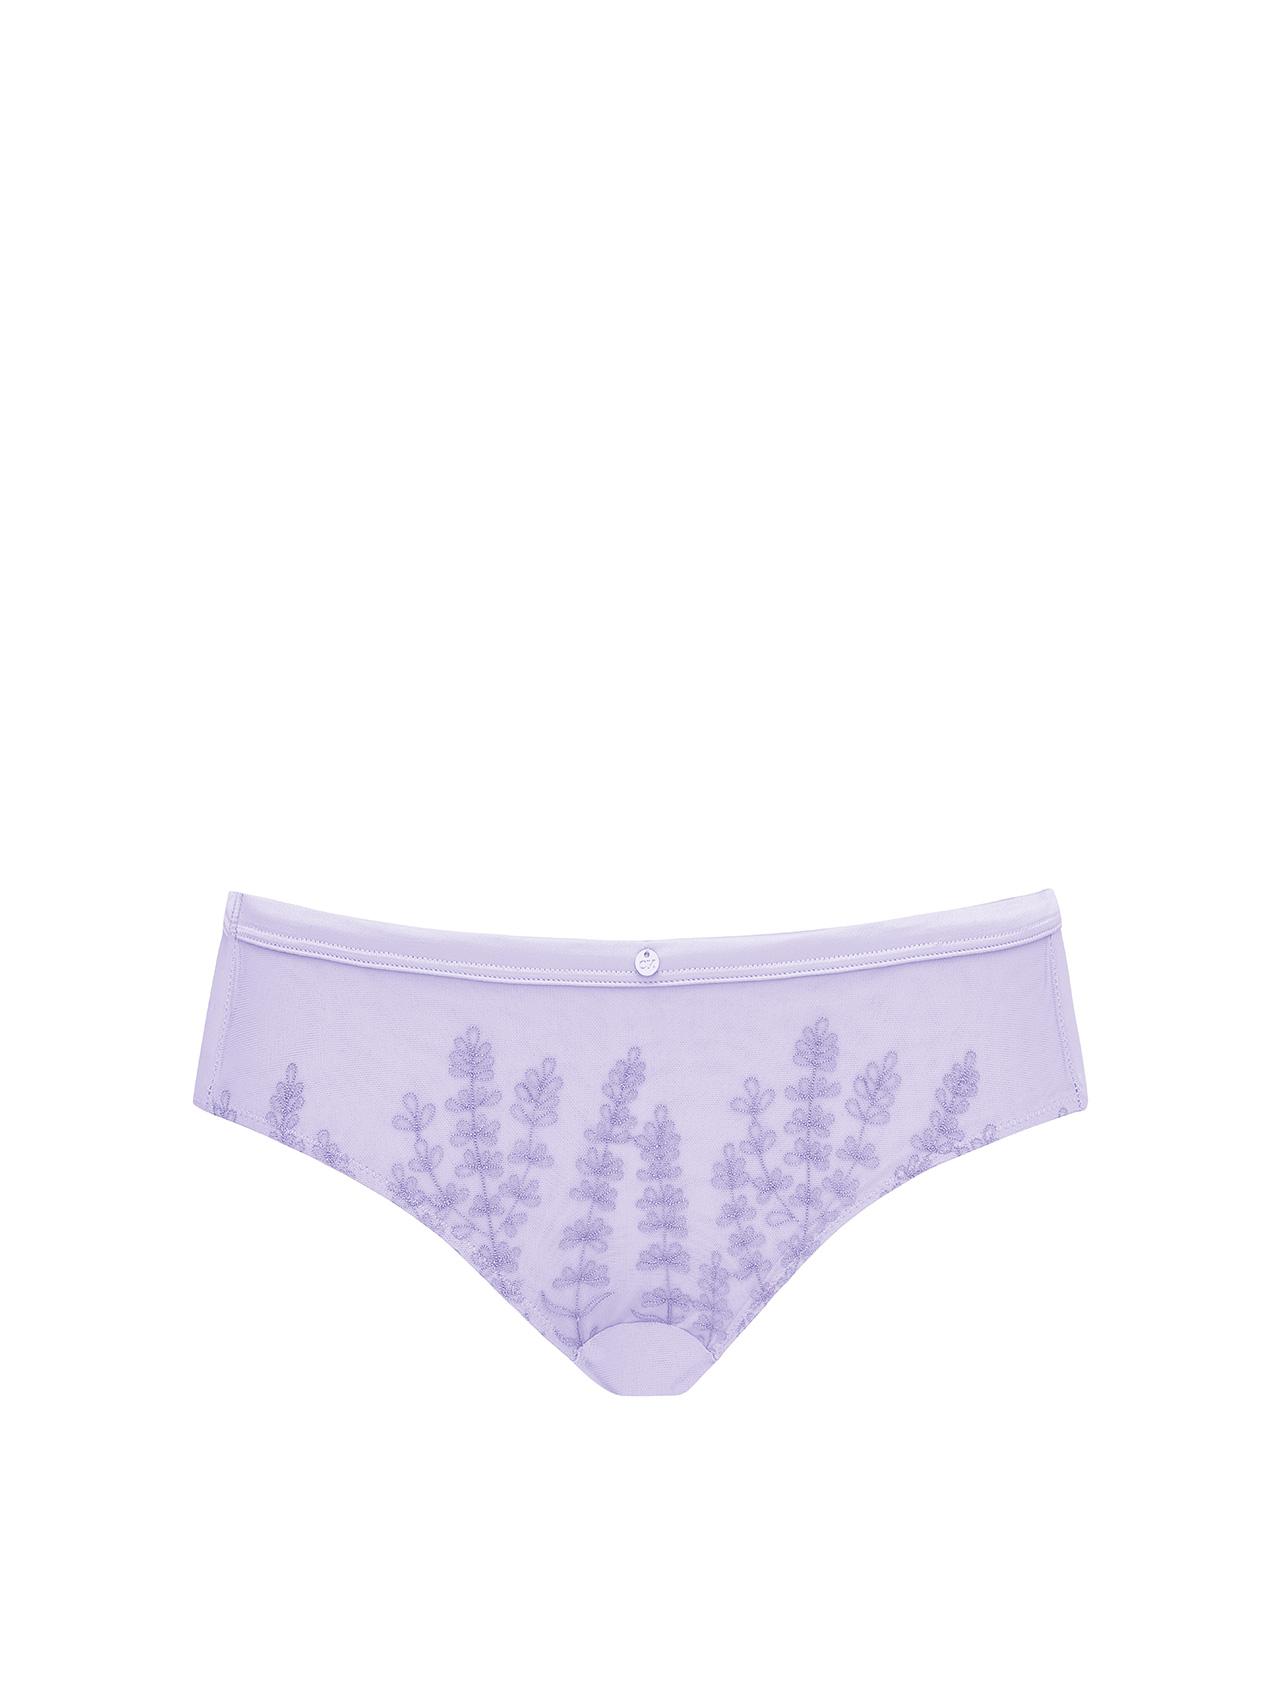 Quần lưng thấp - Bikini - 0641A